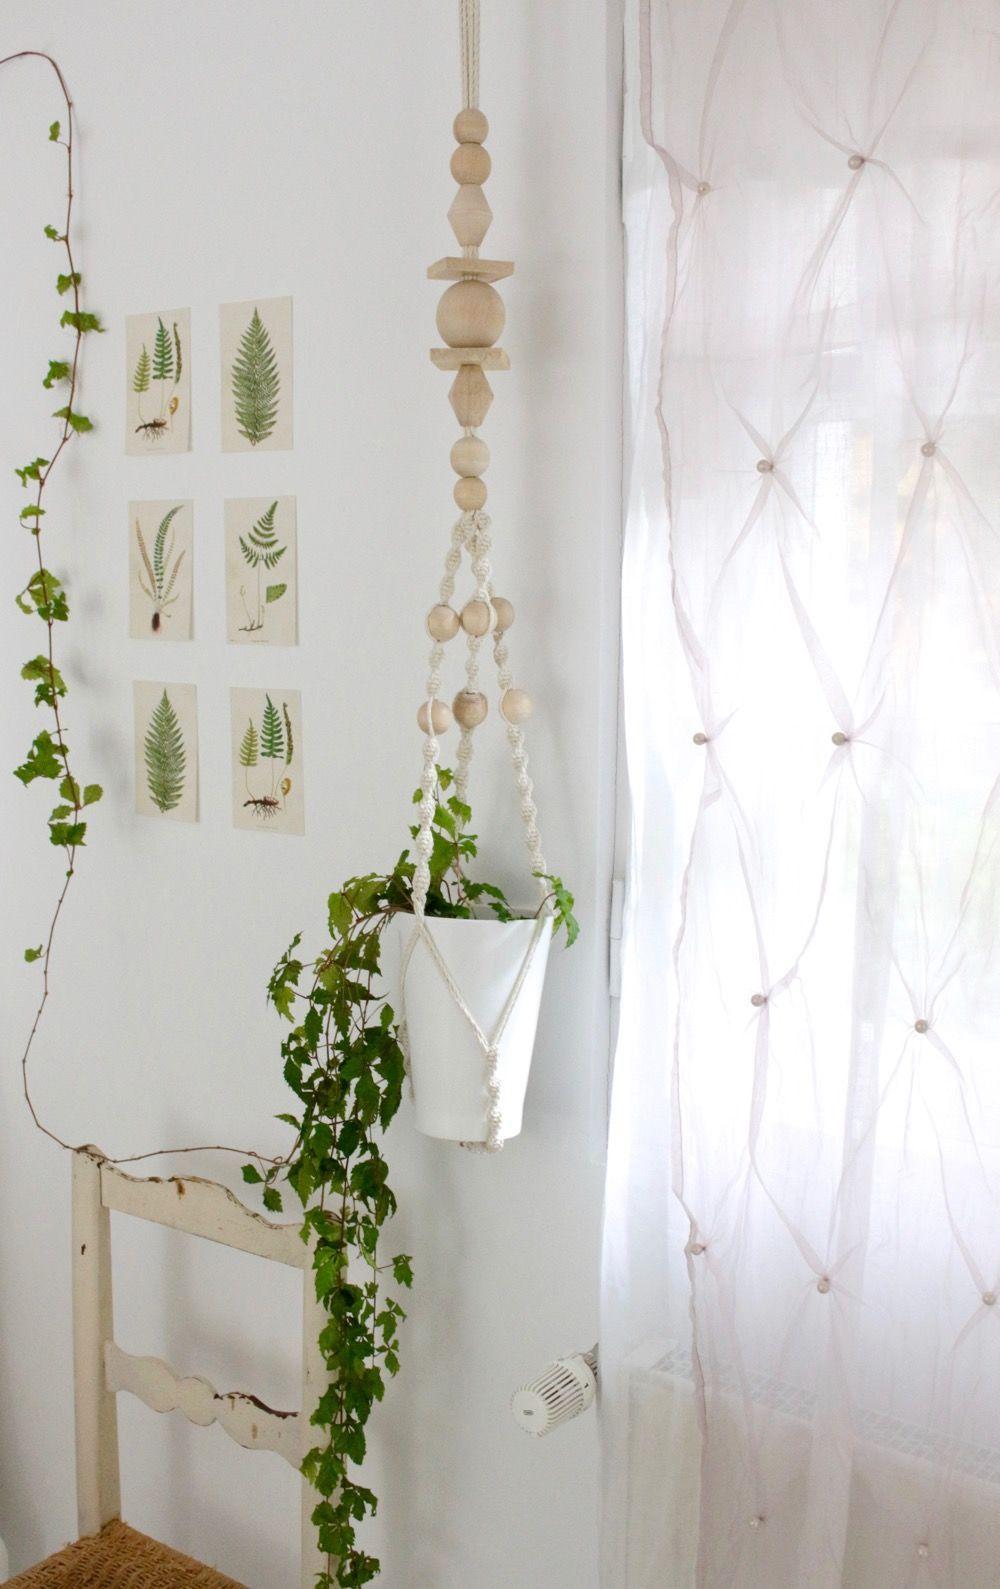 Shabby chic wohnzimmer einrichten und dekorieren seite 2 for Wohnzimmer einrichten dekorieren